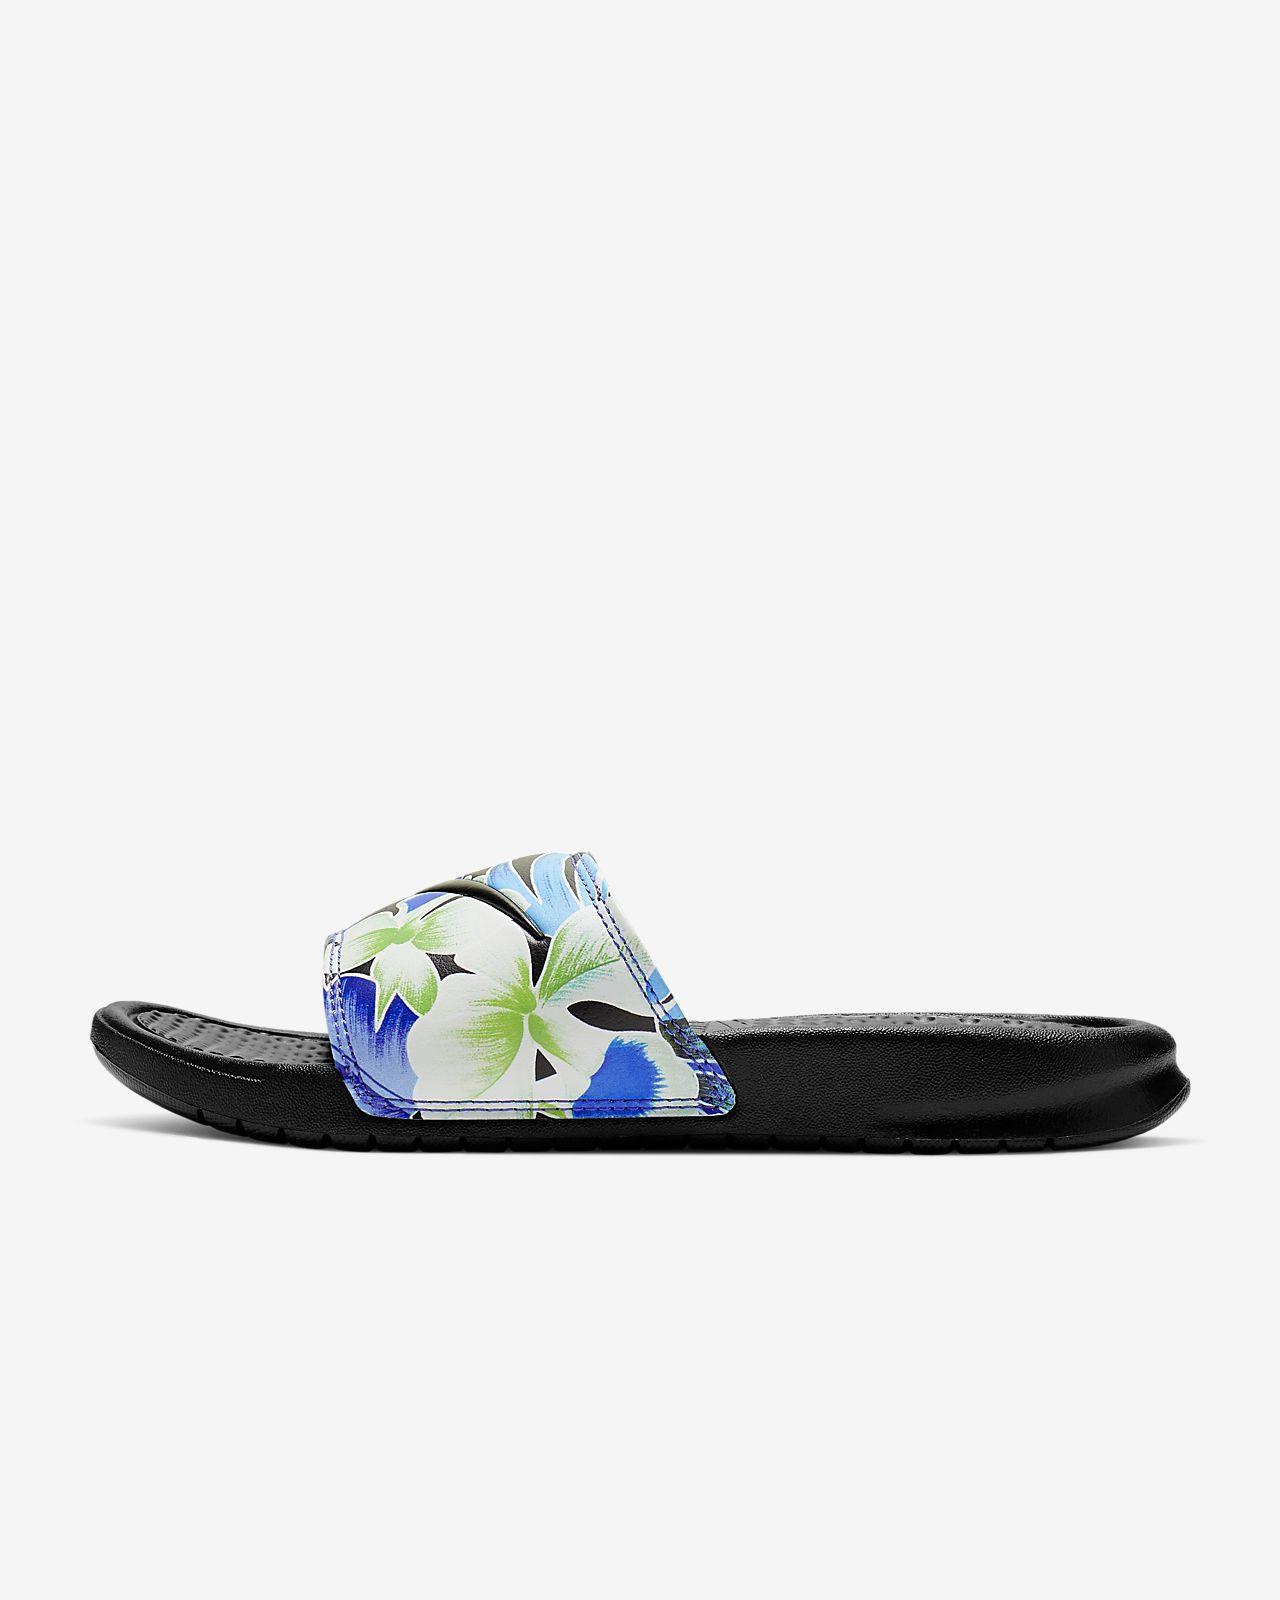 304e8110f06 Nike Benassi JDI Floral Women s Slide. Nike.com